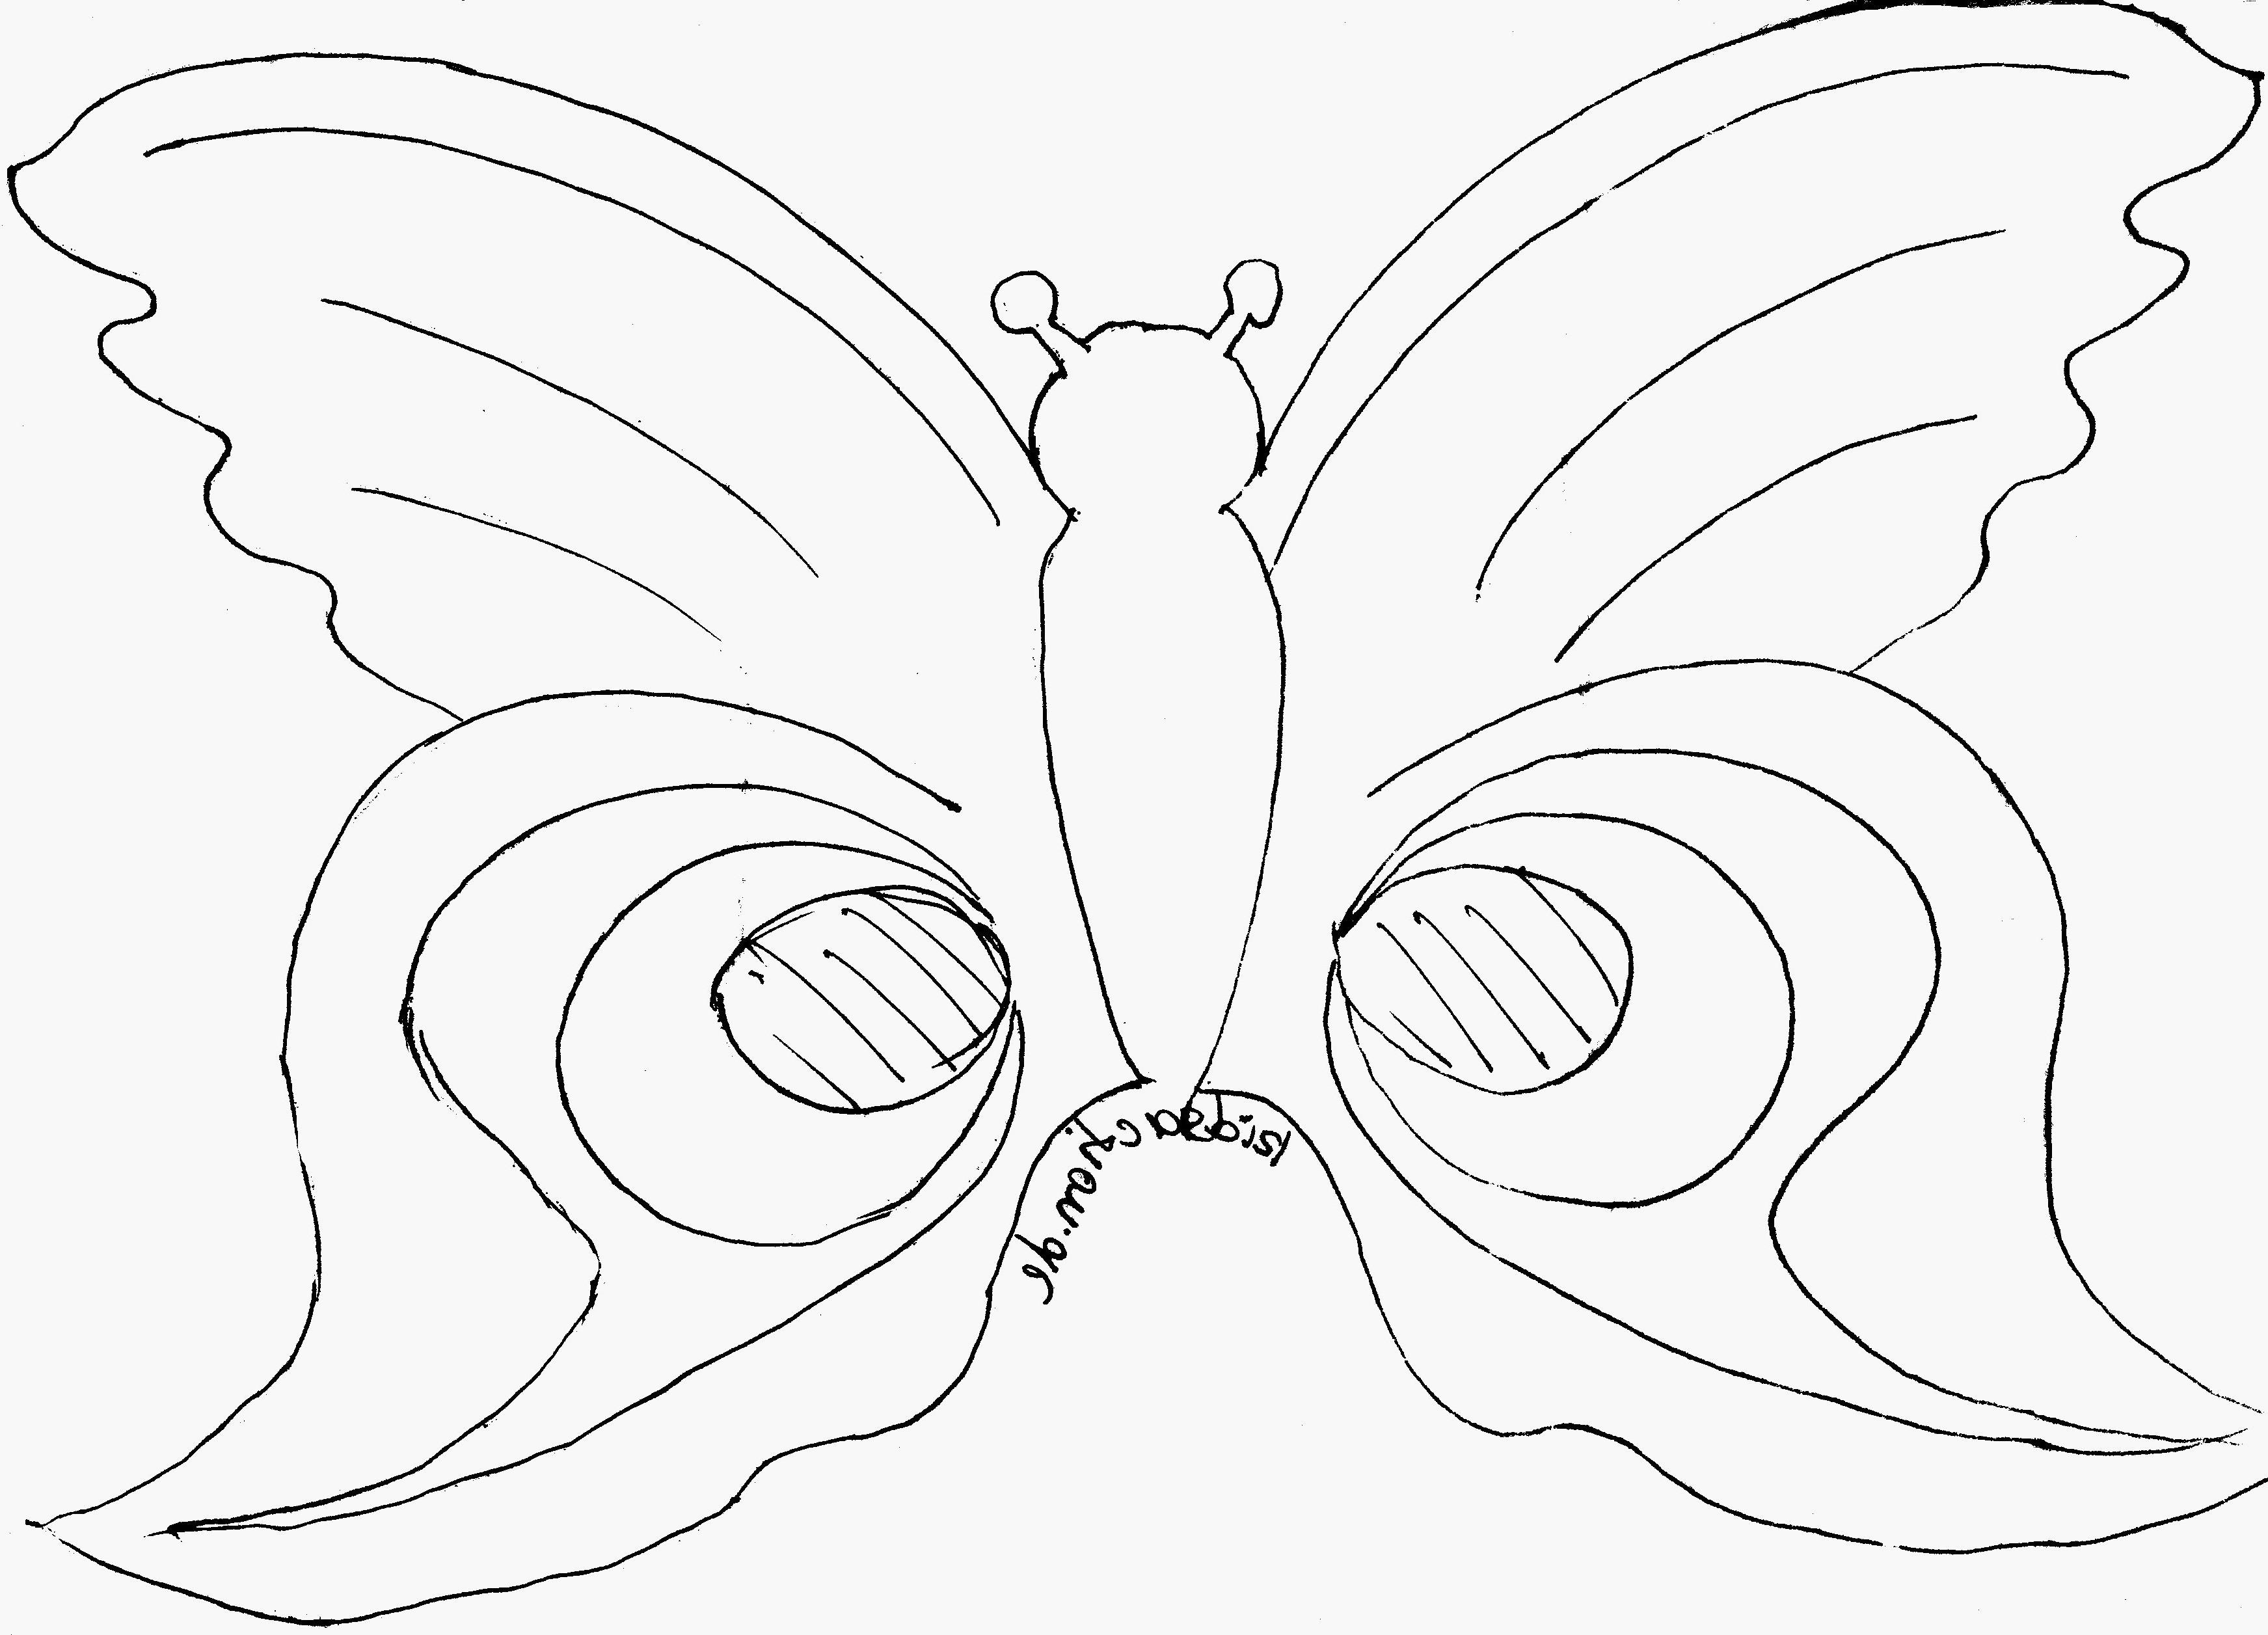 Schmetterlinge Bilder Zum Ausmalen Das Beste Von 22 Einzigartig Schmetterling Zum Ausmalen – Malvorlagen Ideen Sammlung